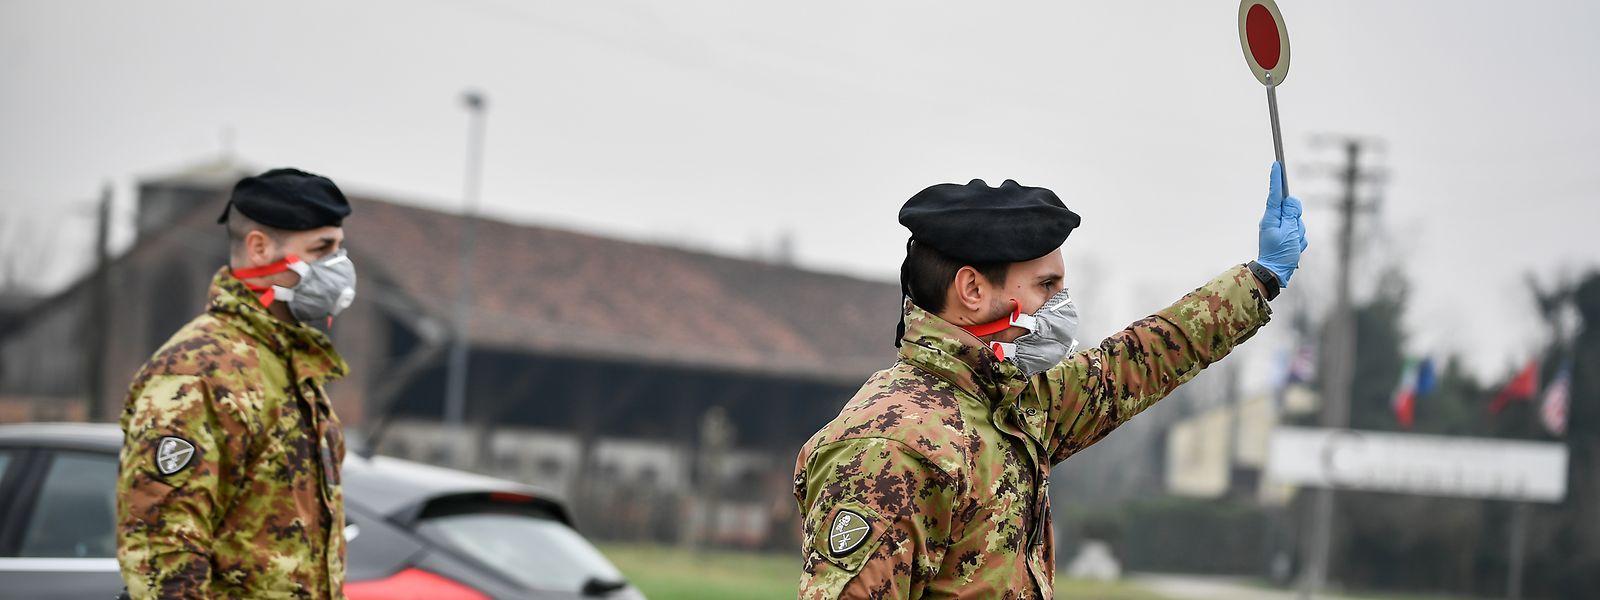 In Italien kontrolliert die Armee mittlerweile den Personenverkehr.